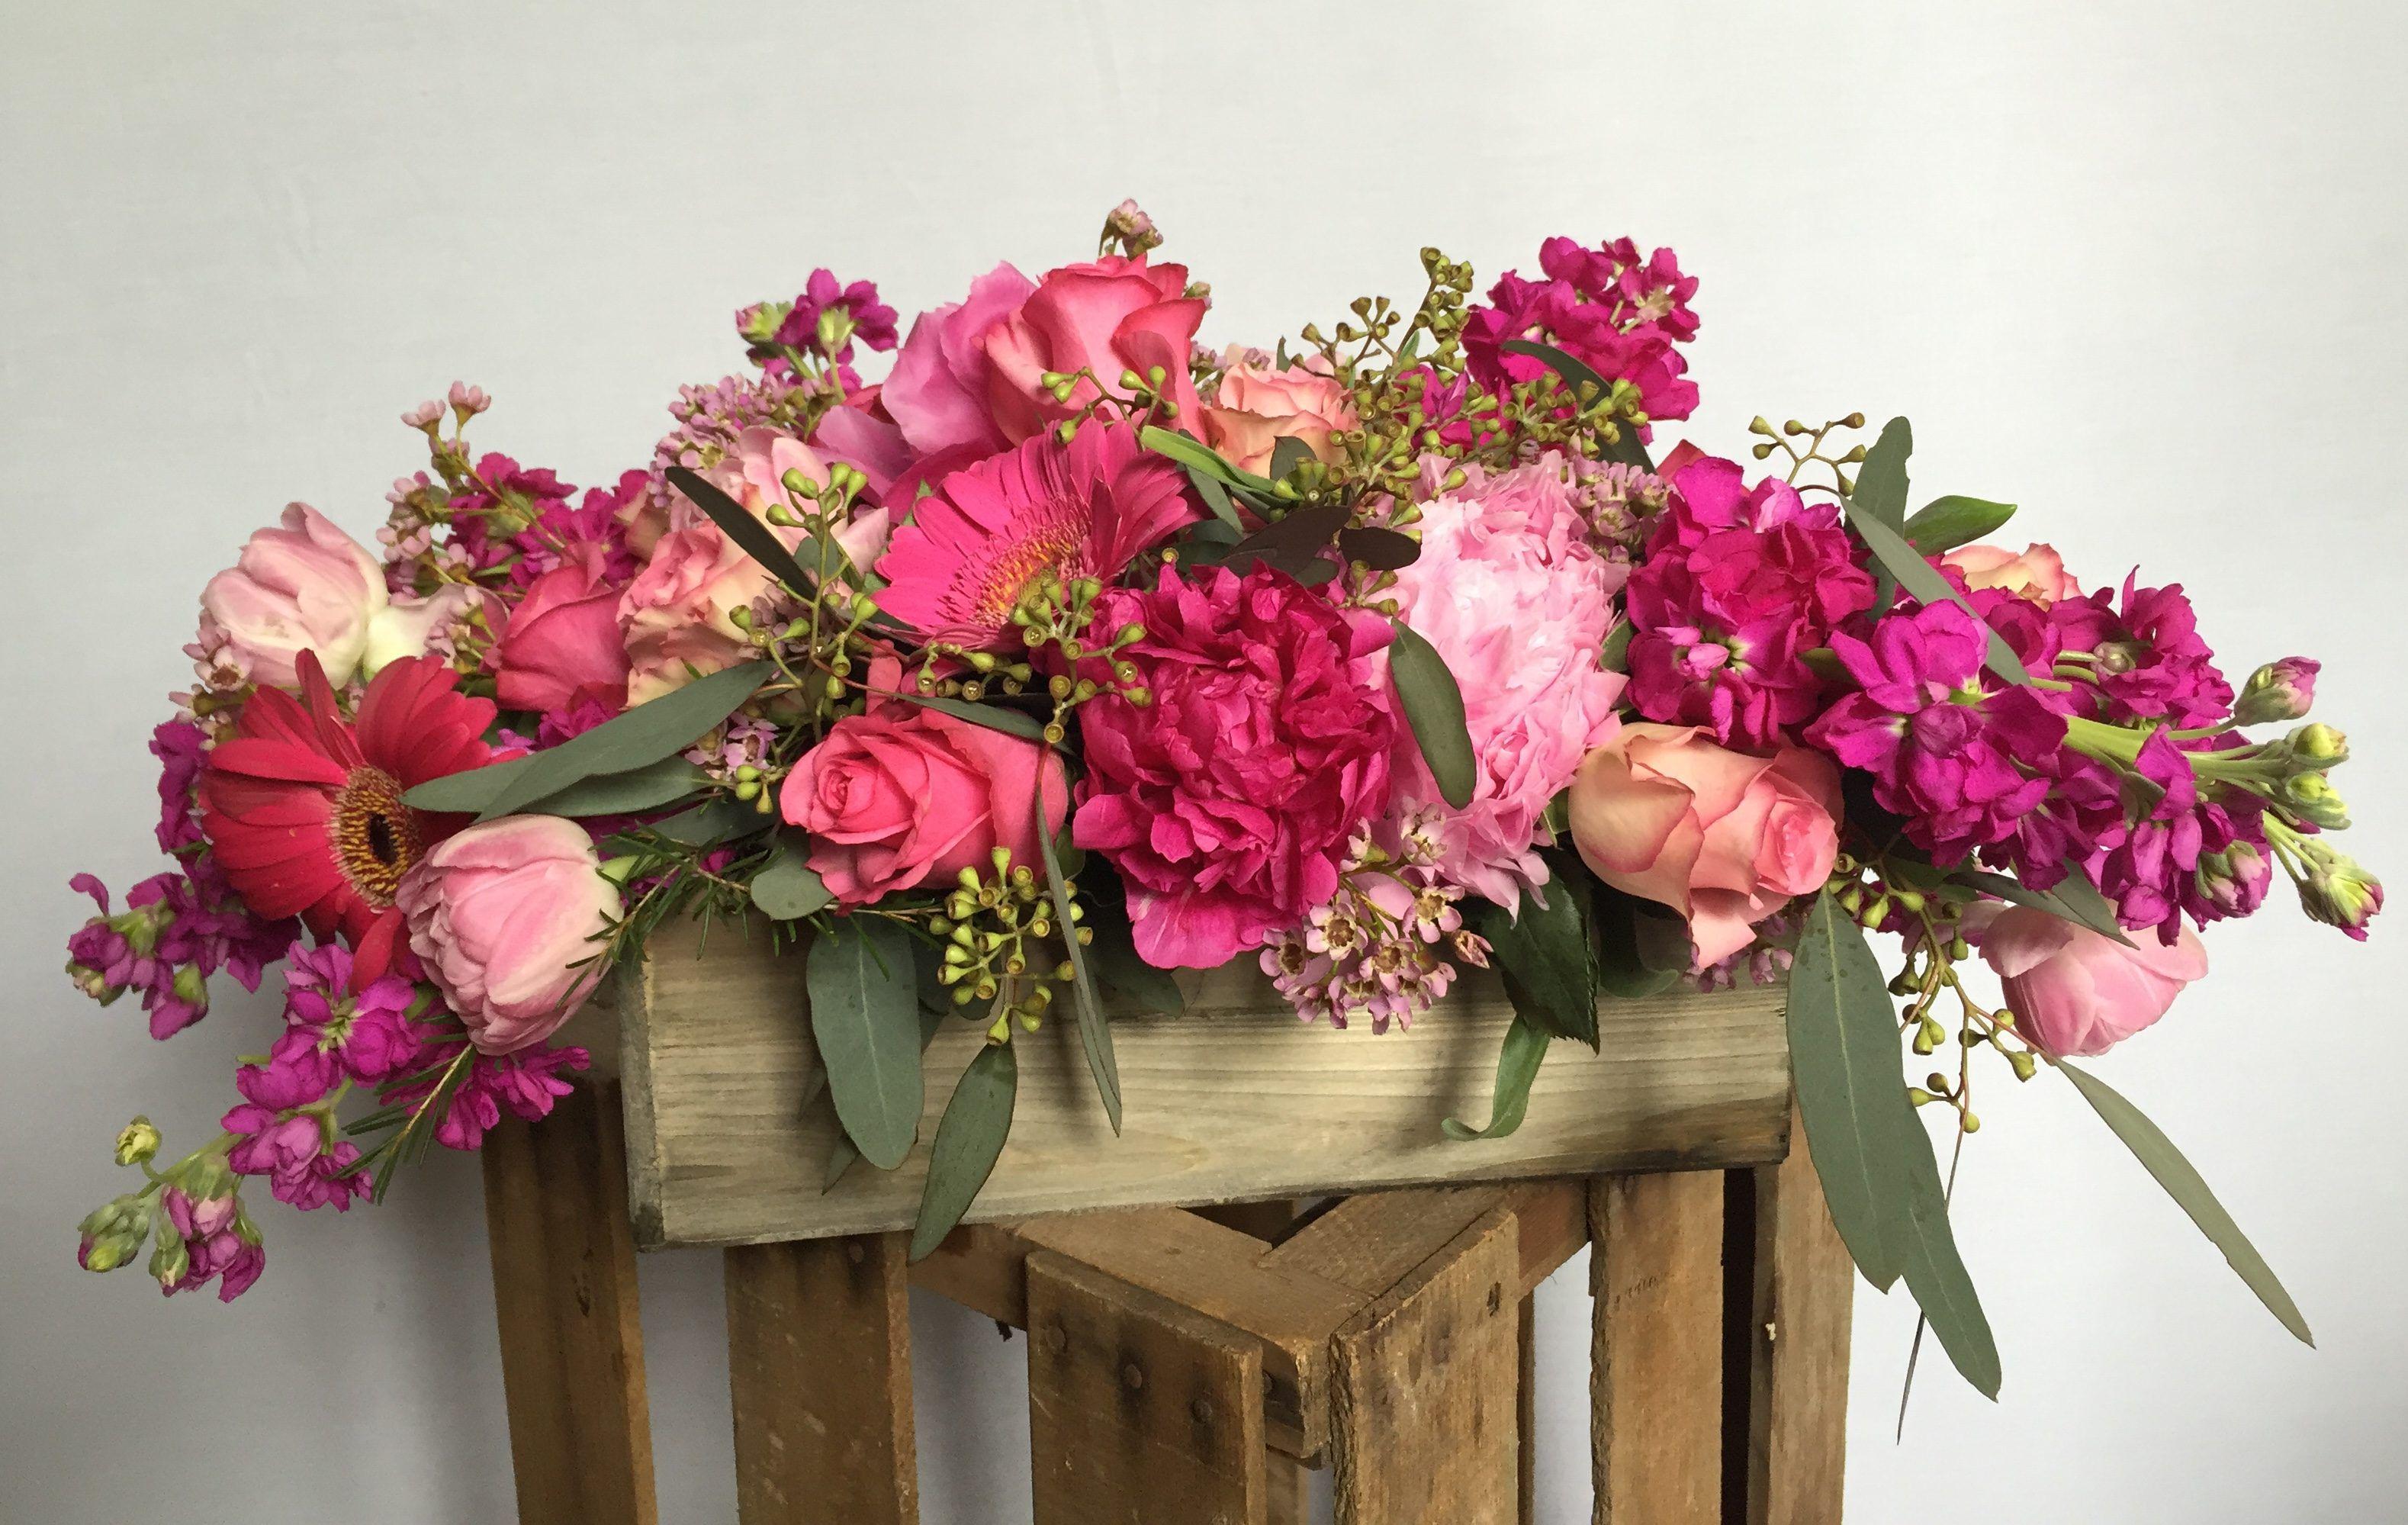 بالصور ورود جميلة , اجمل الورود و الذهور الرائعه 765 5